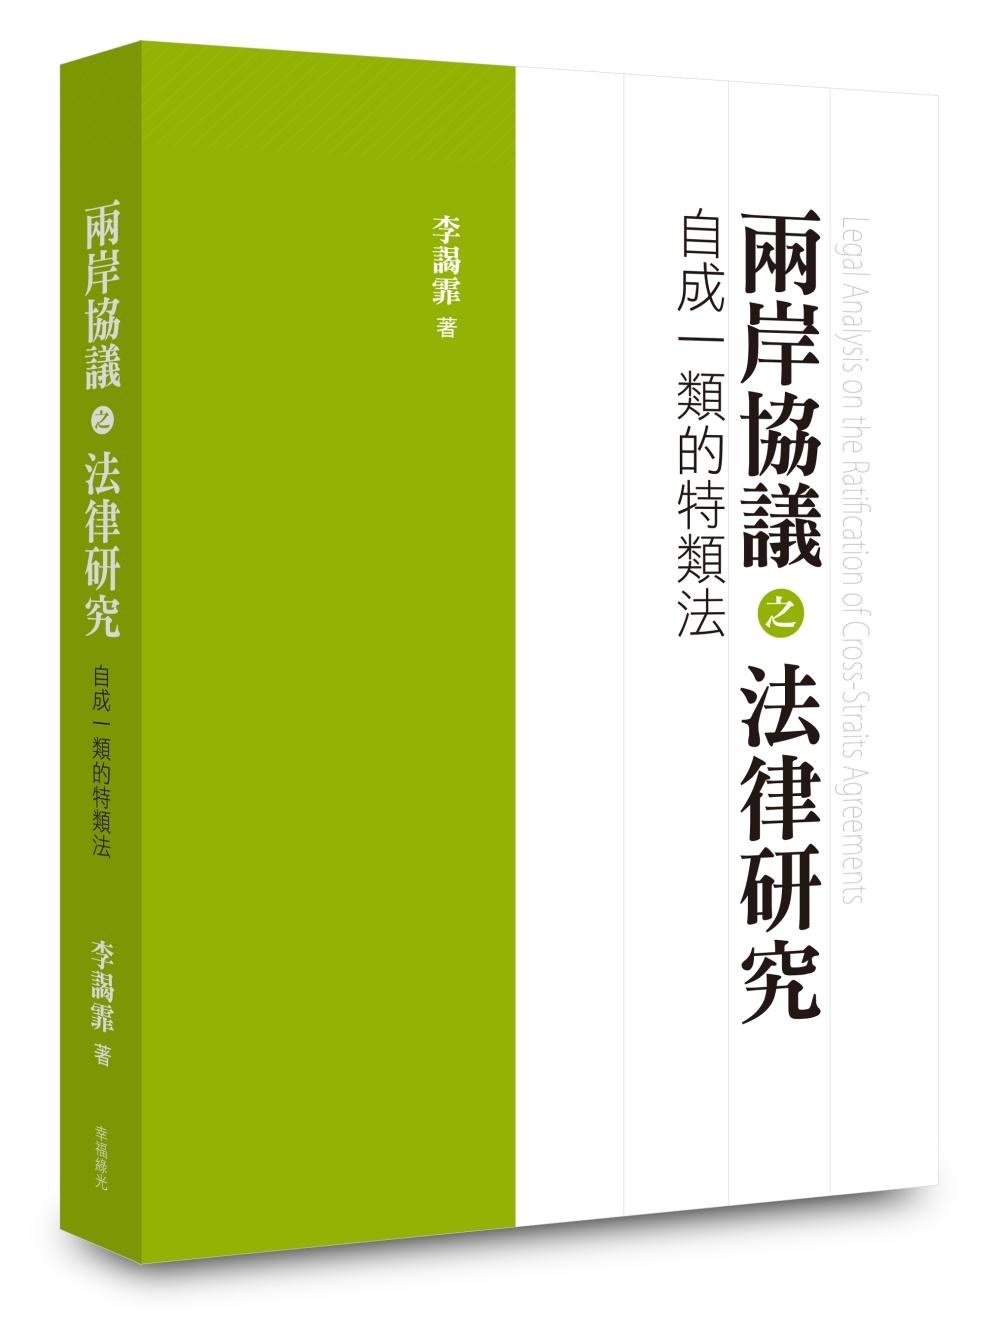 兩岸協議之法律研究:自成一類的特類法